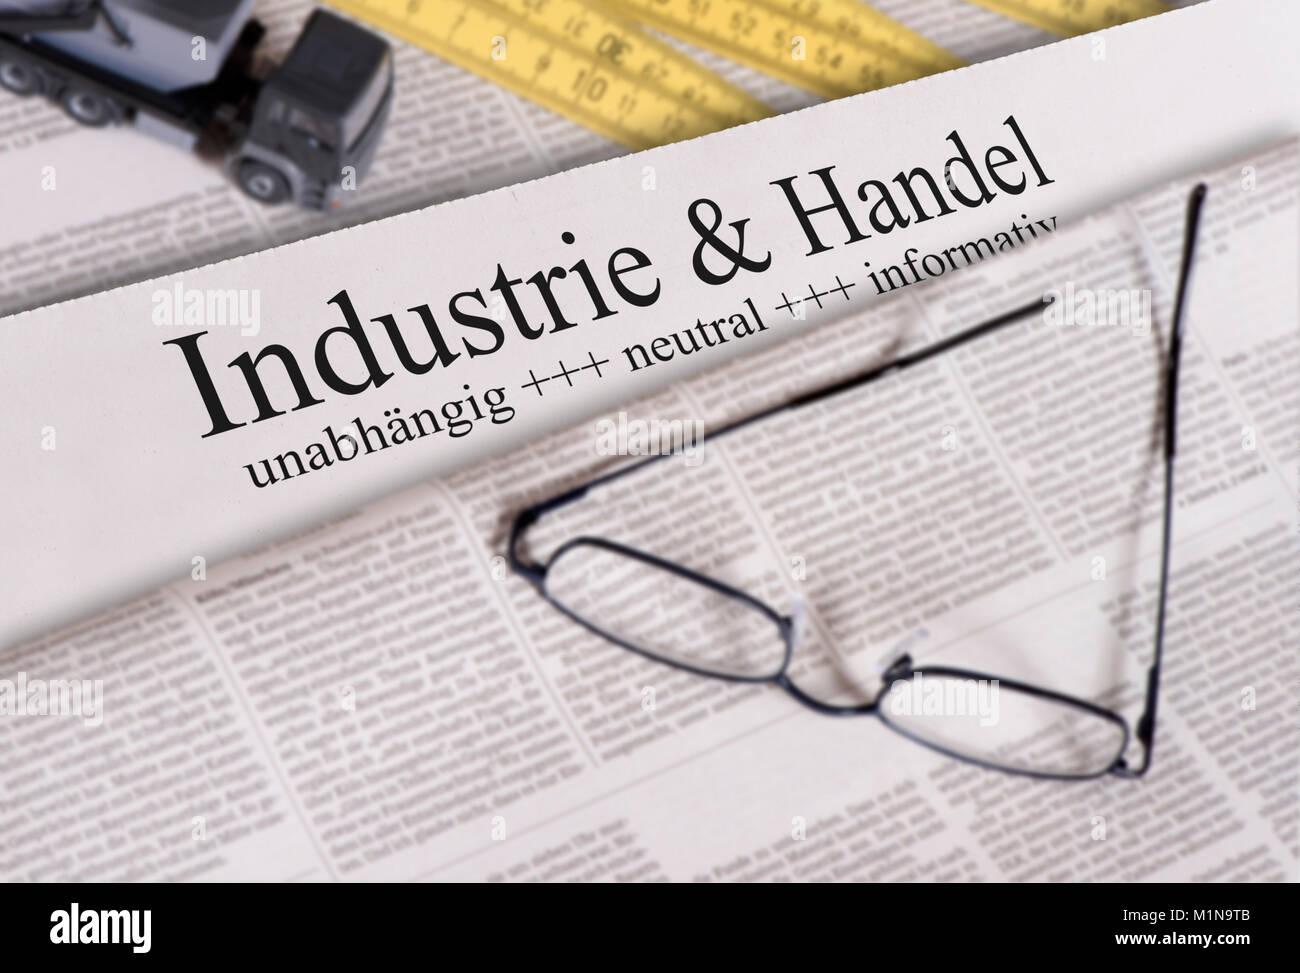 Tageszeitung mit Überschrift Industrie & Handel - Stock Image